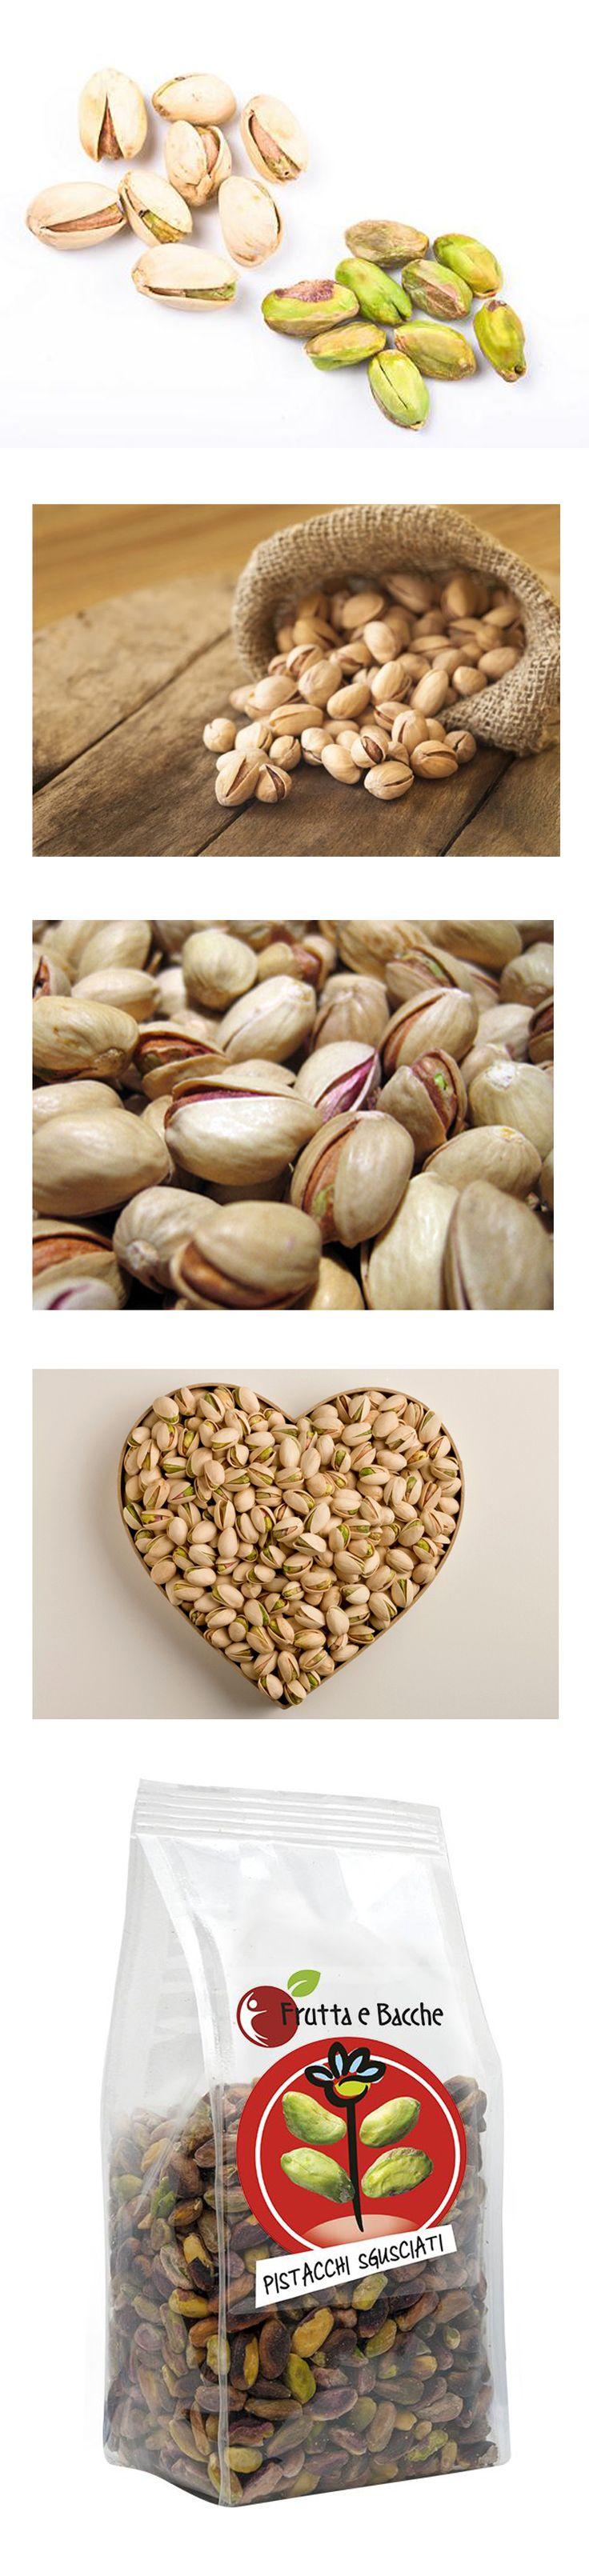 Il pistacchio costituisce uno spuntino molto nutriente e contiene otto importanti sostanze: tiamina, vitamina B6, rame, manganese, potassio, fibre, fosforo e magnesio, oltre a discrete quantità di antiossidanti polifenolici. Sebbene la funzione degli antiossidanti non sia ancora del tutto nota, le ricerche finora condotte sottolineano i vantaggi di una dieta sana con alimenti contenenti antiossidanti. €19,40 http://www.fruttaebacche.it/shop/frutta-secca/pistacchi-sgusciati/